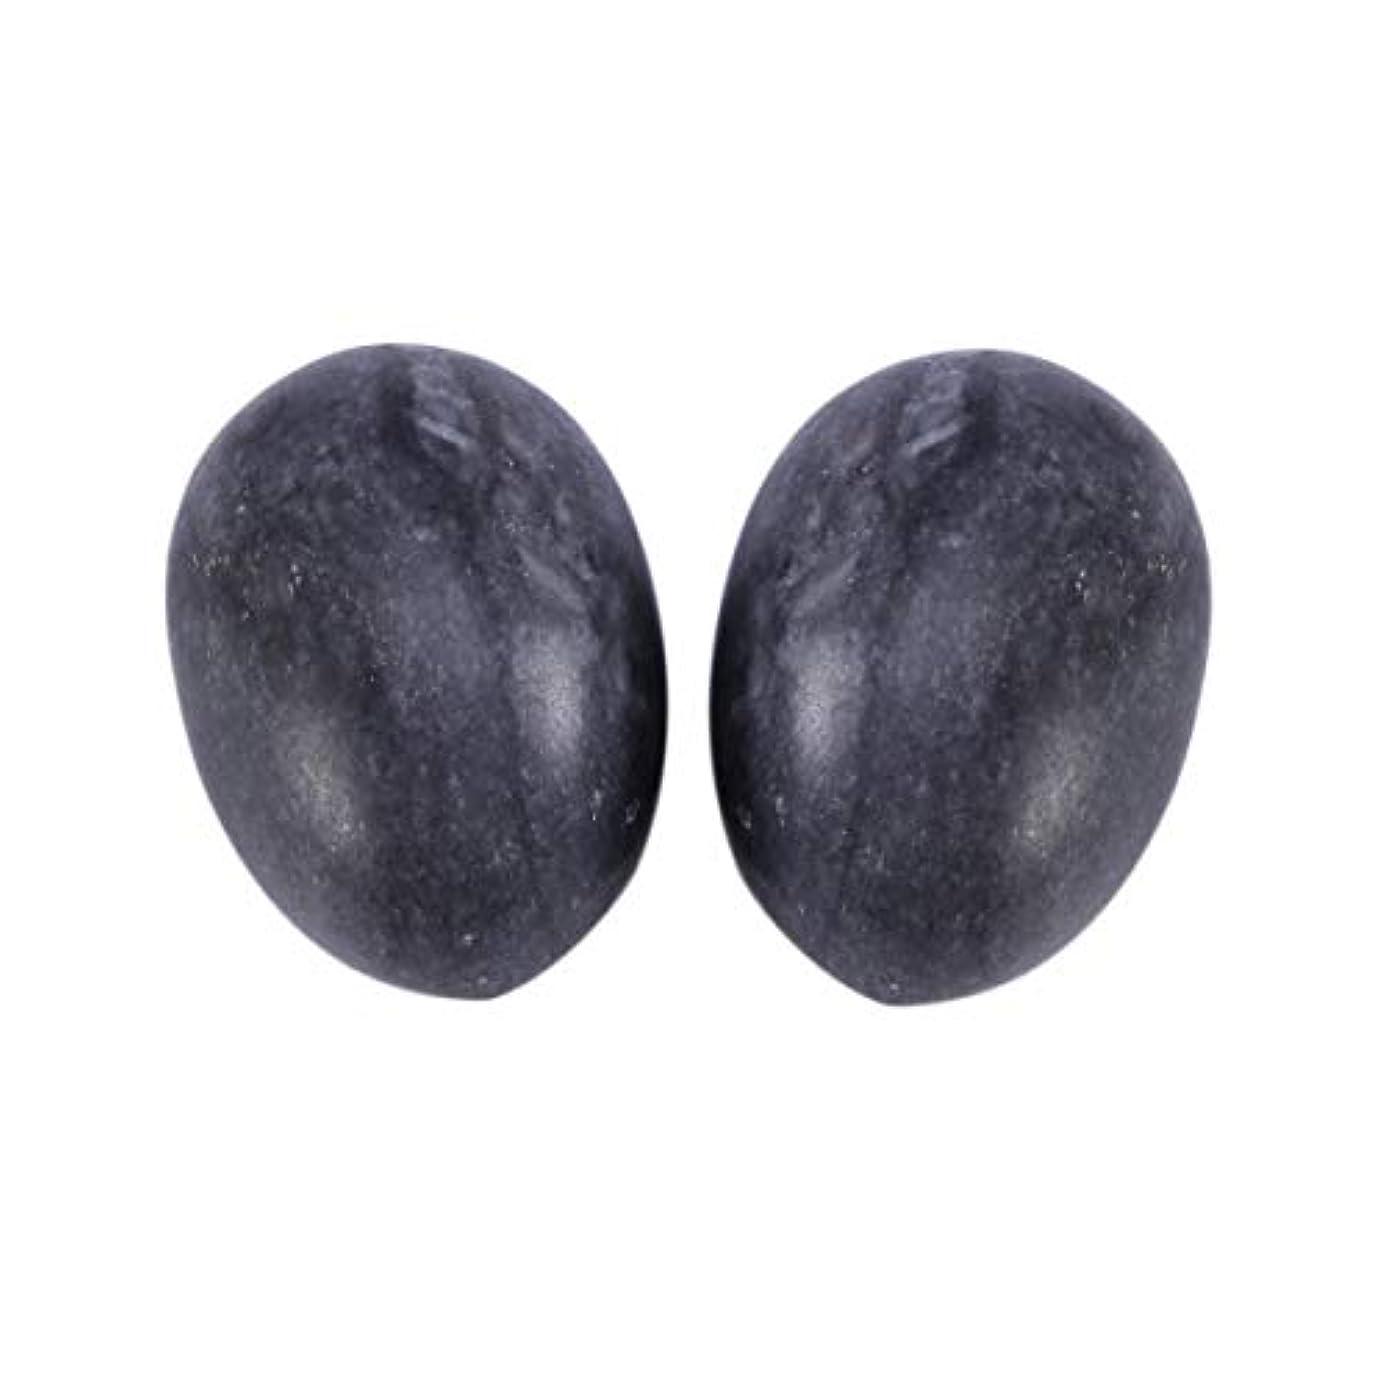 セージ影のあるアボートHealifty 妊娠中の女性のためのマッサージボール6個玉ヨードエッグ骨盤底筋マッサージ運動膣締め付けボールヘルスケア(ブラックブルー)